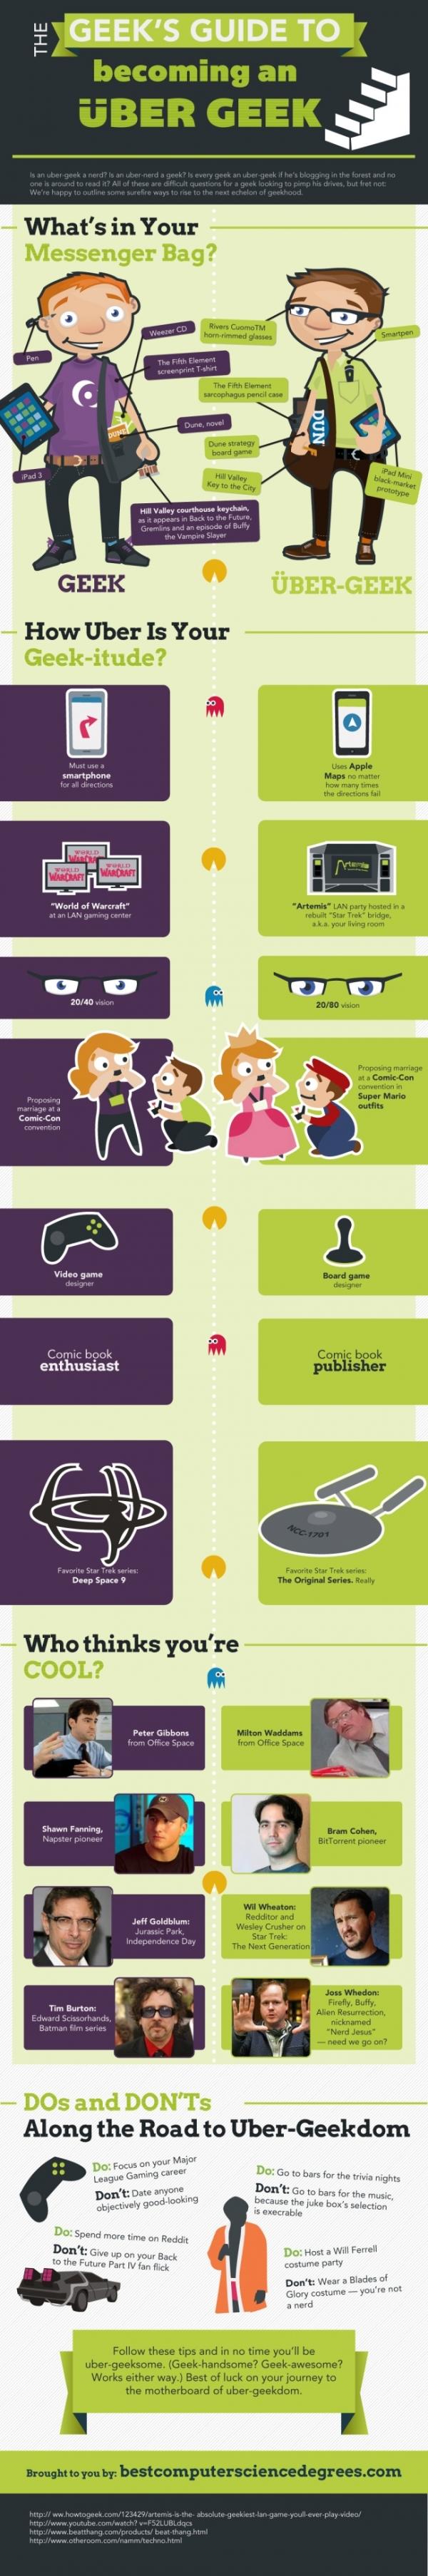 Vuoi diventare un #UberGeek? Non sai come fare? un'#infografica ti mostra la strada! ;)